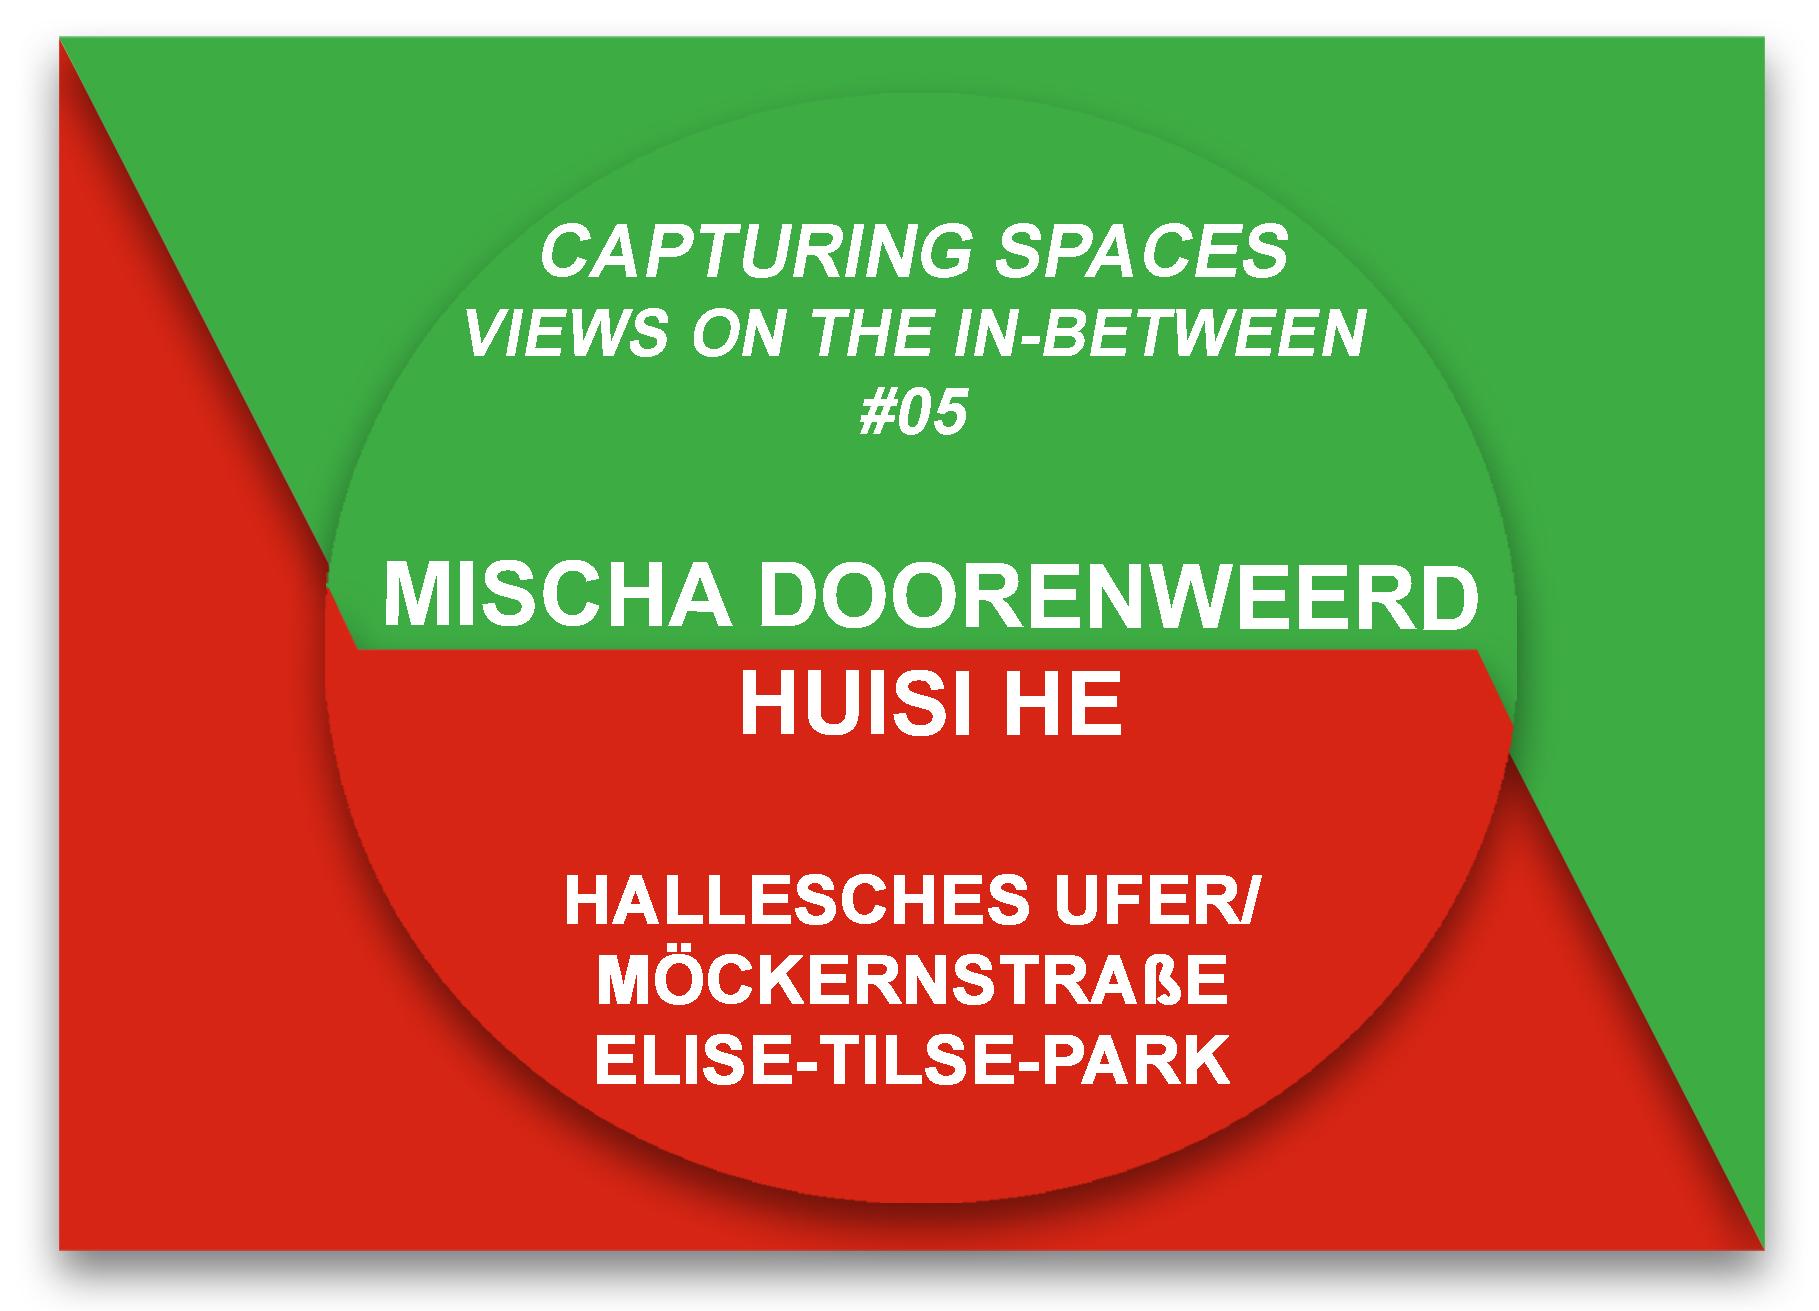 stay hungry Berlin project space Capturing Spaces art intervention public space Mischa Doorenweerd Huisi He